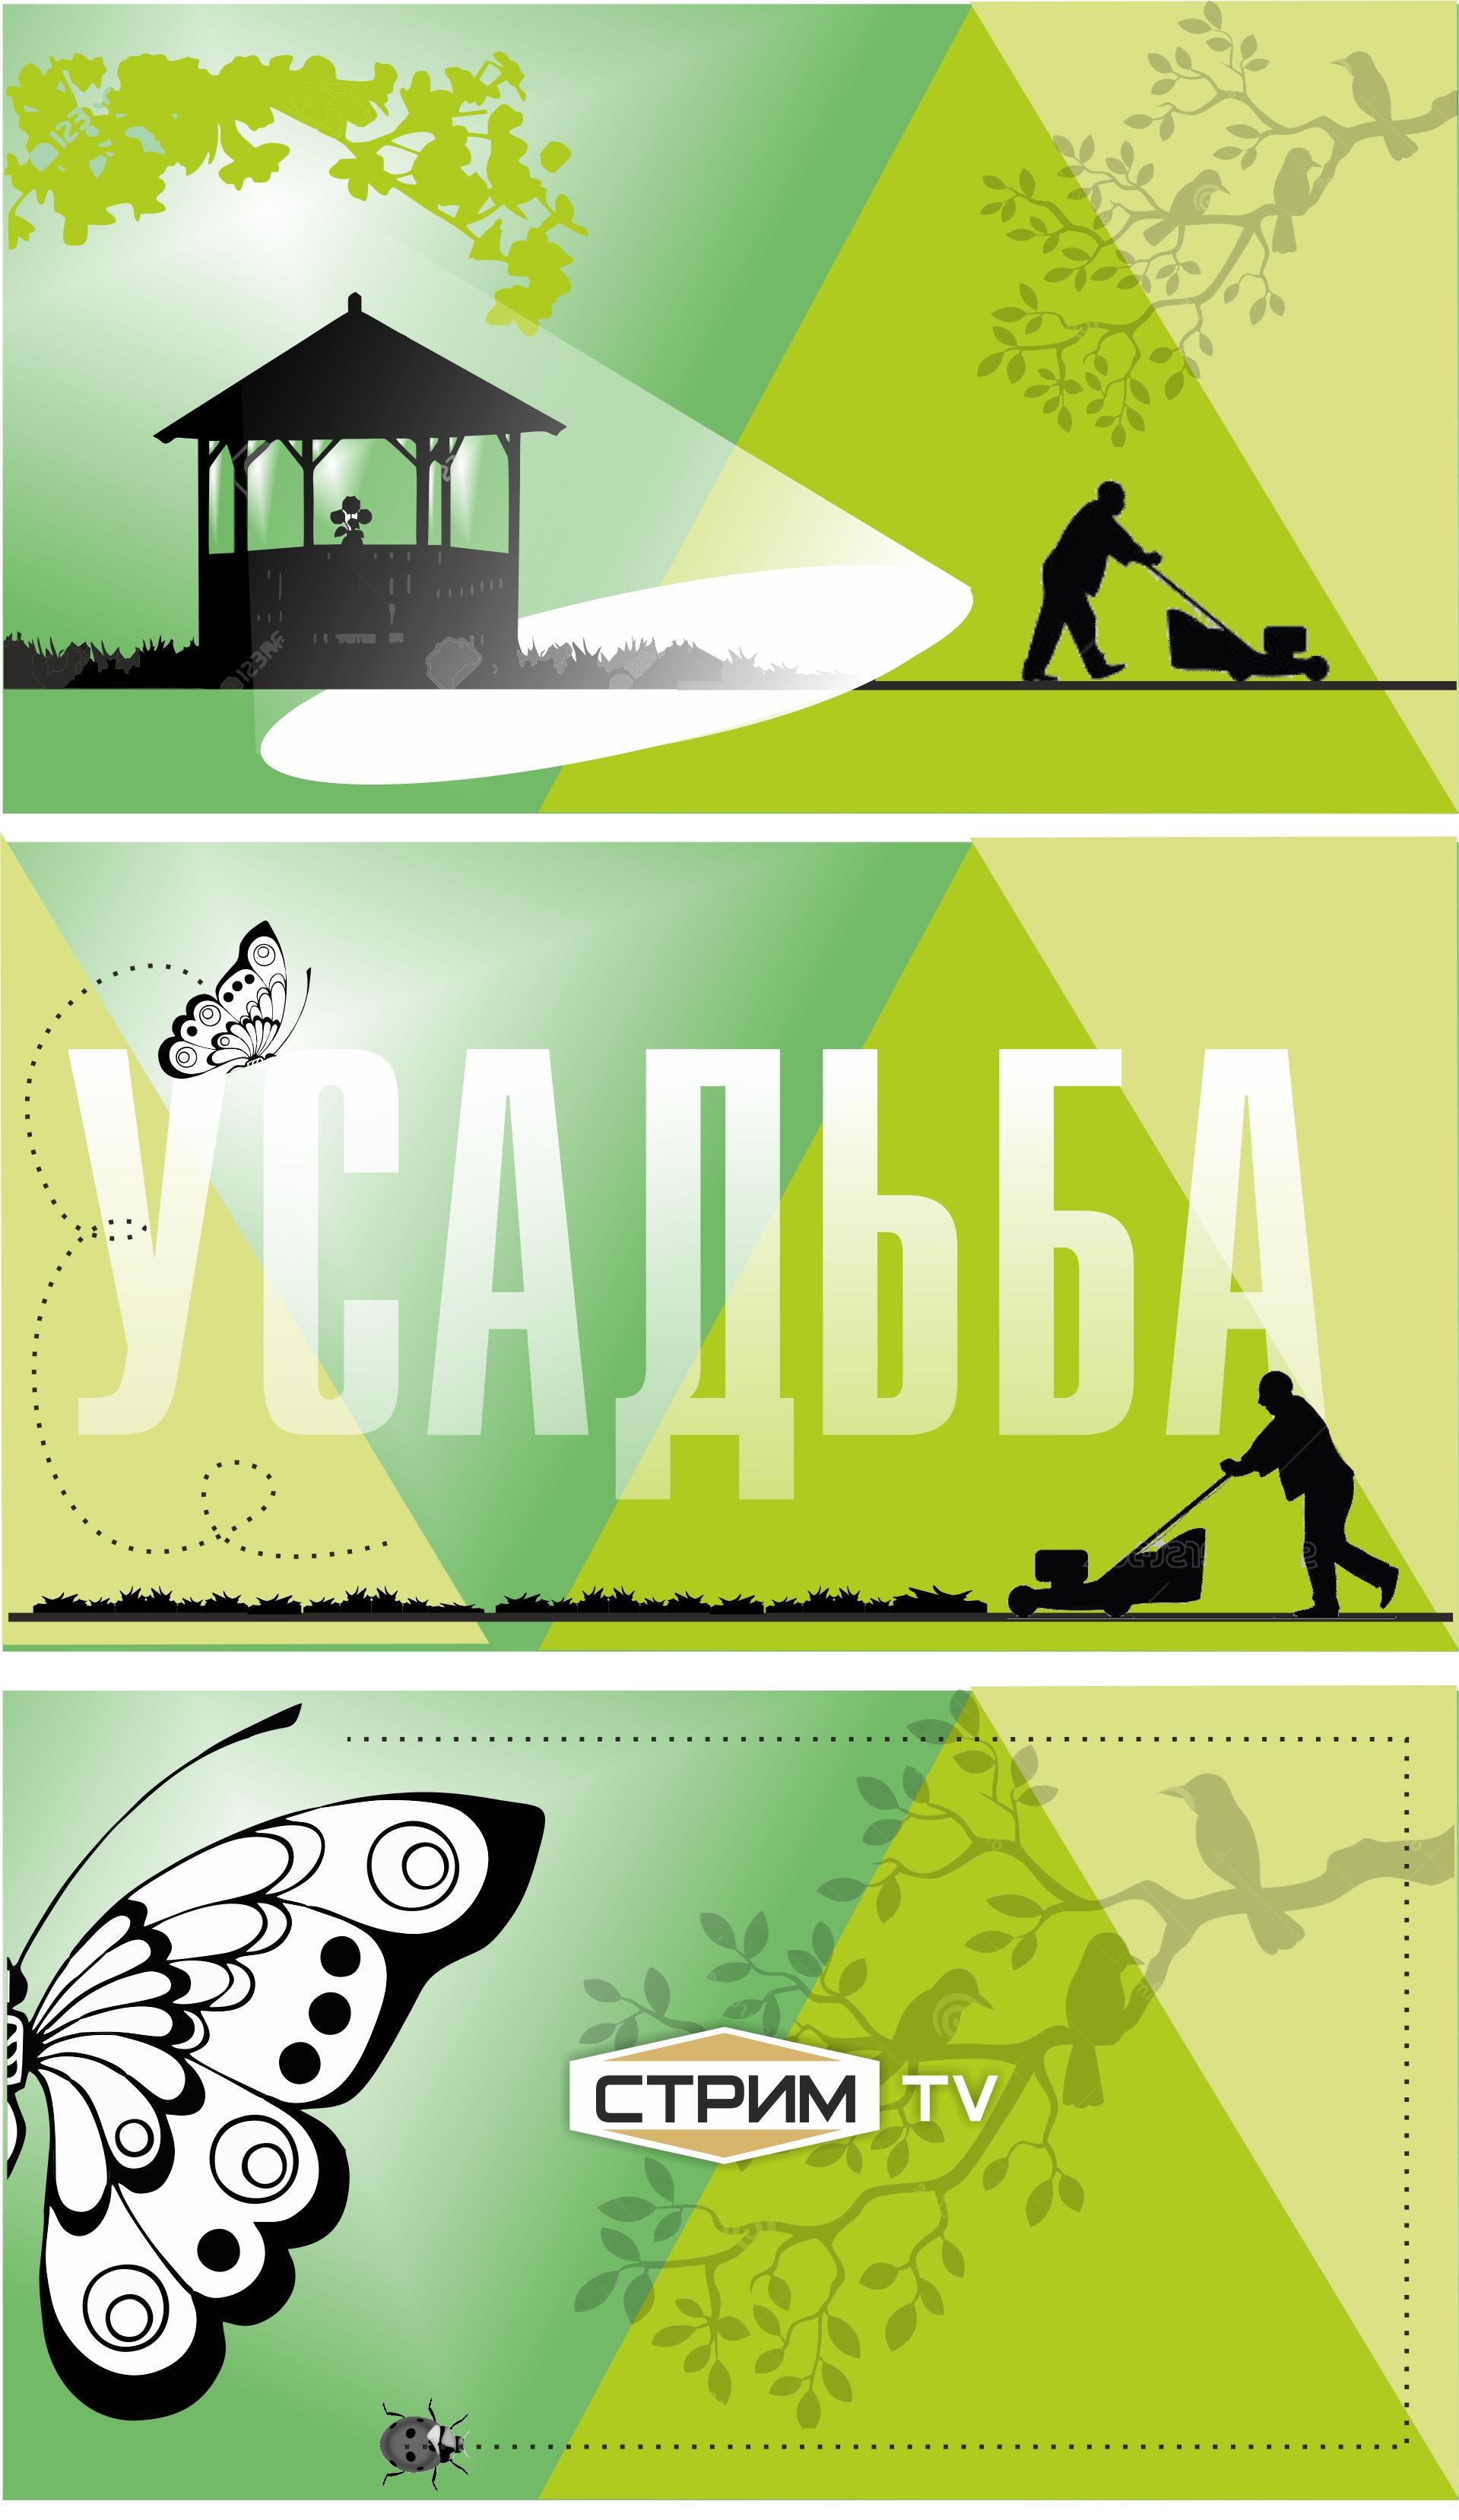 Создание концепции заставки и логотипа (телеканал) фото f_852566ec55145d63.jpg